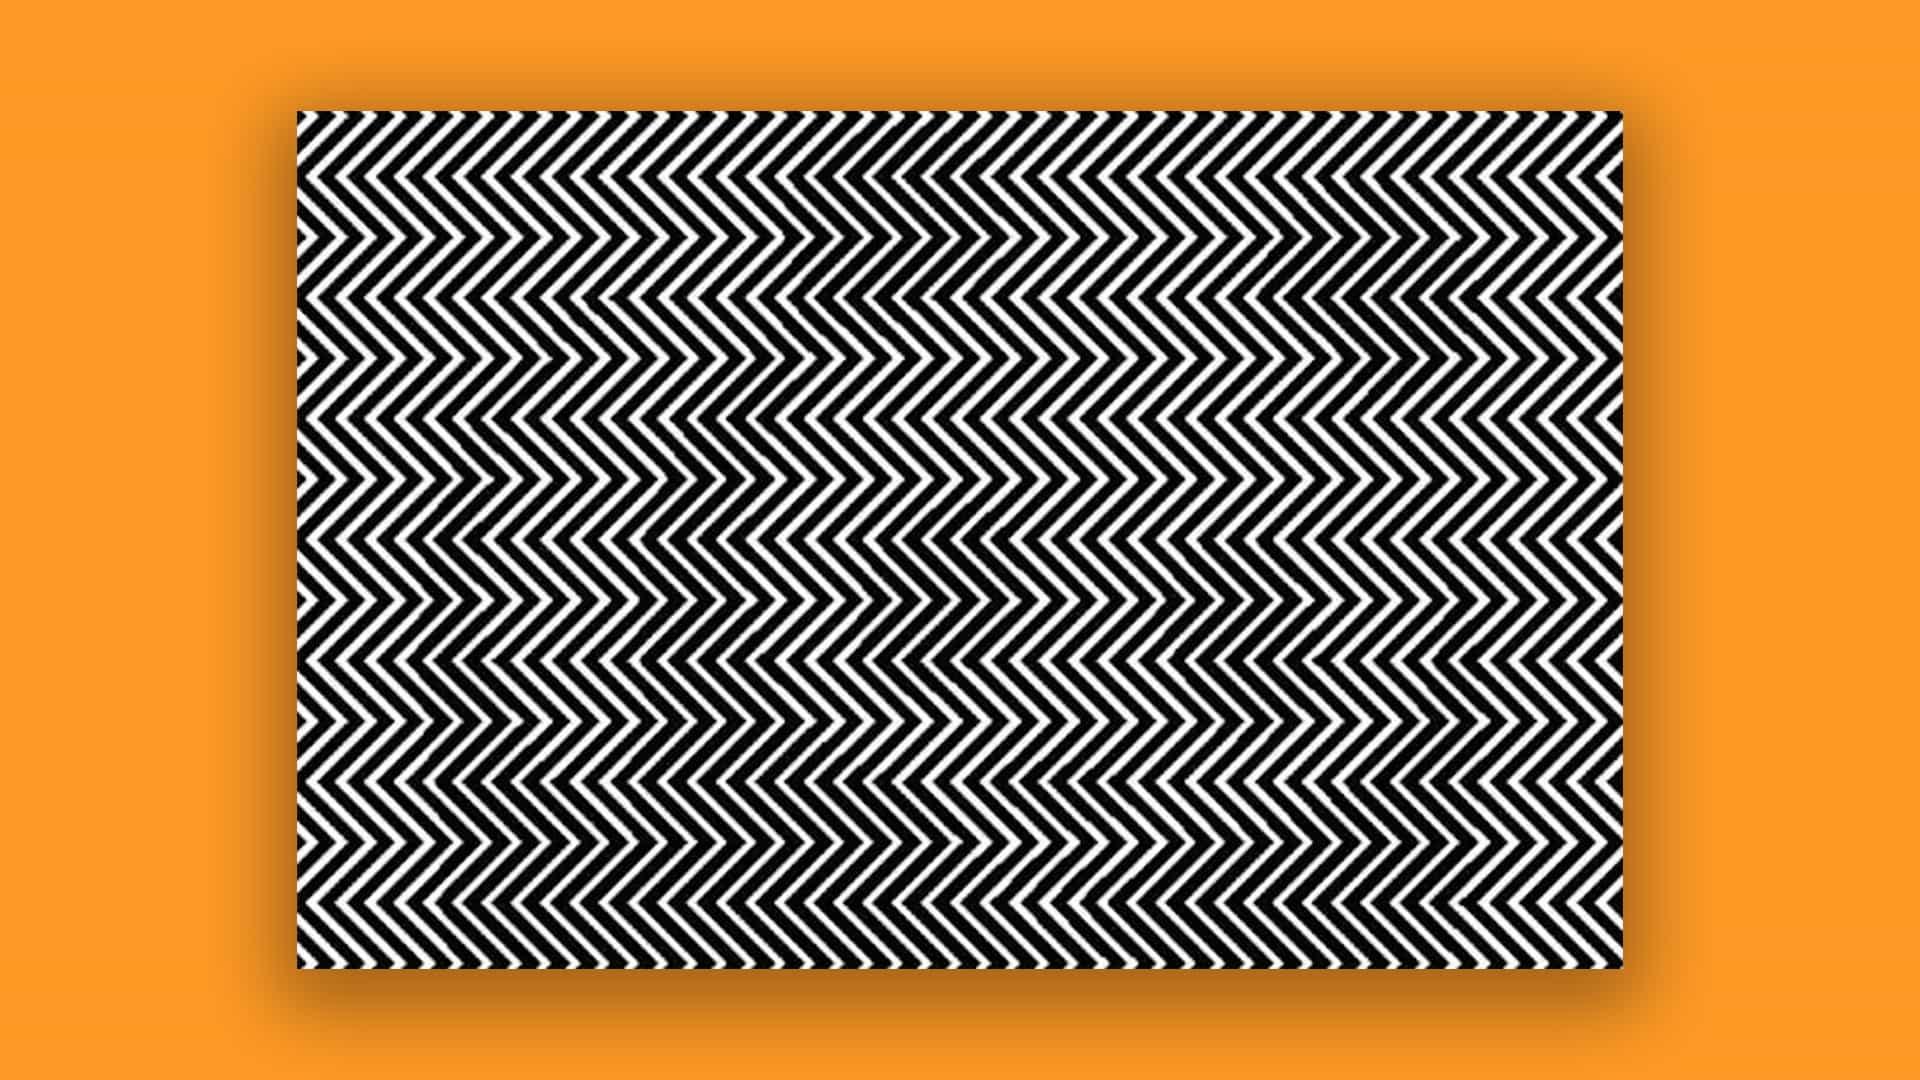 La ilusión óptica alucinante con un mensaje serio